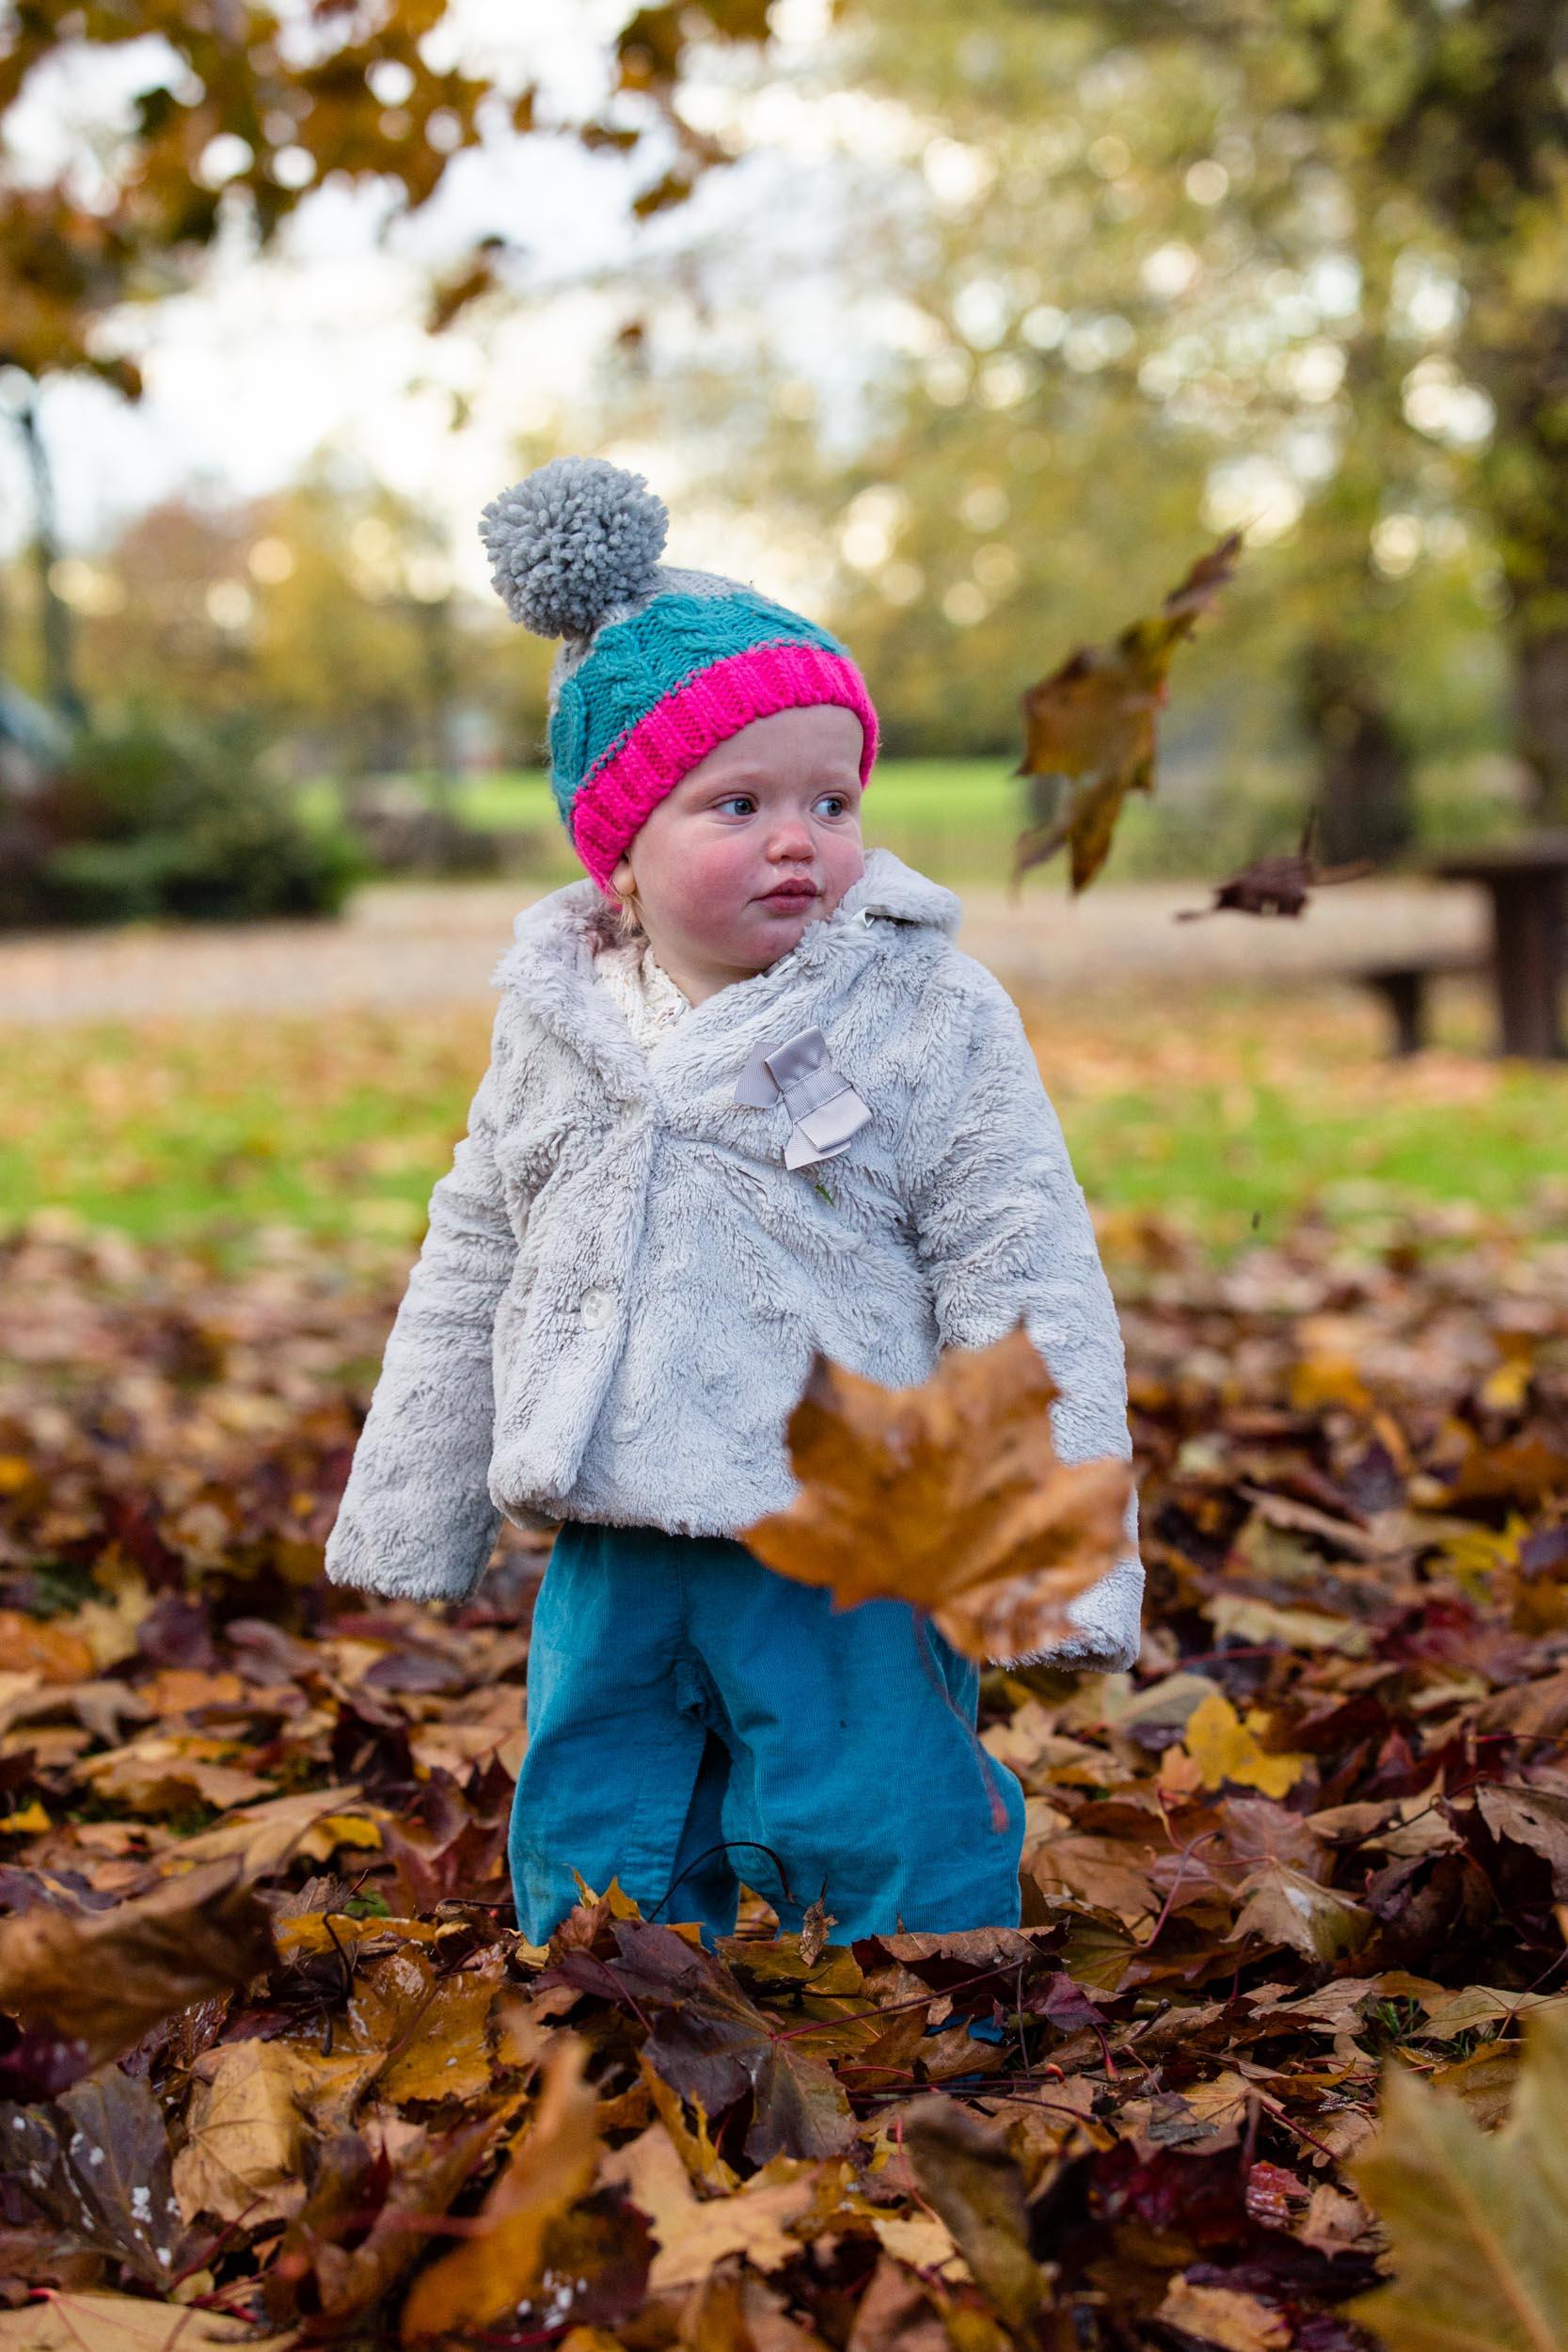 richmond-upon-thames children portrait photography